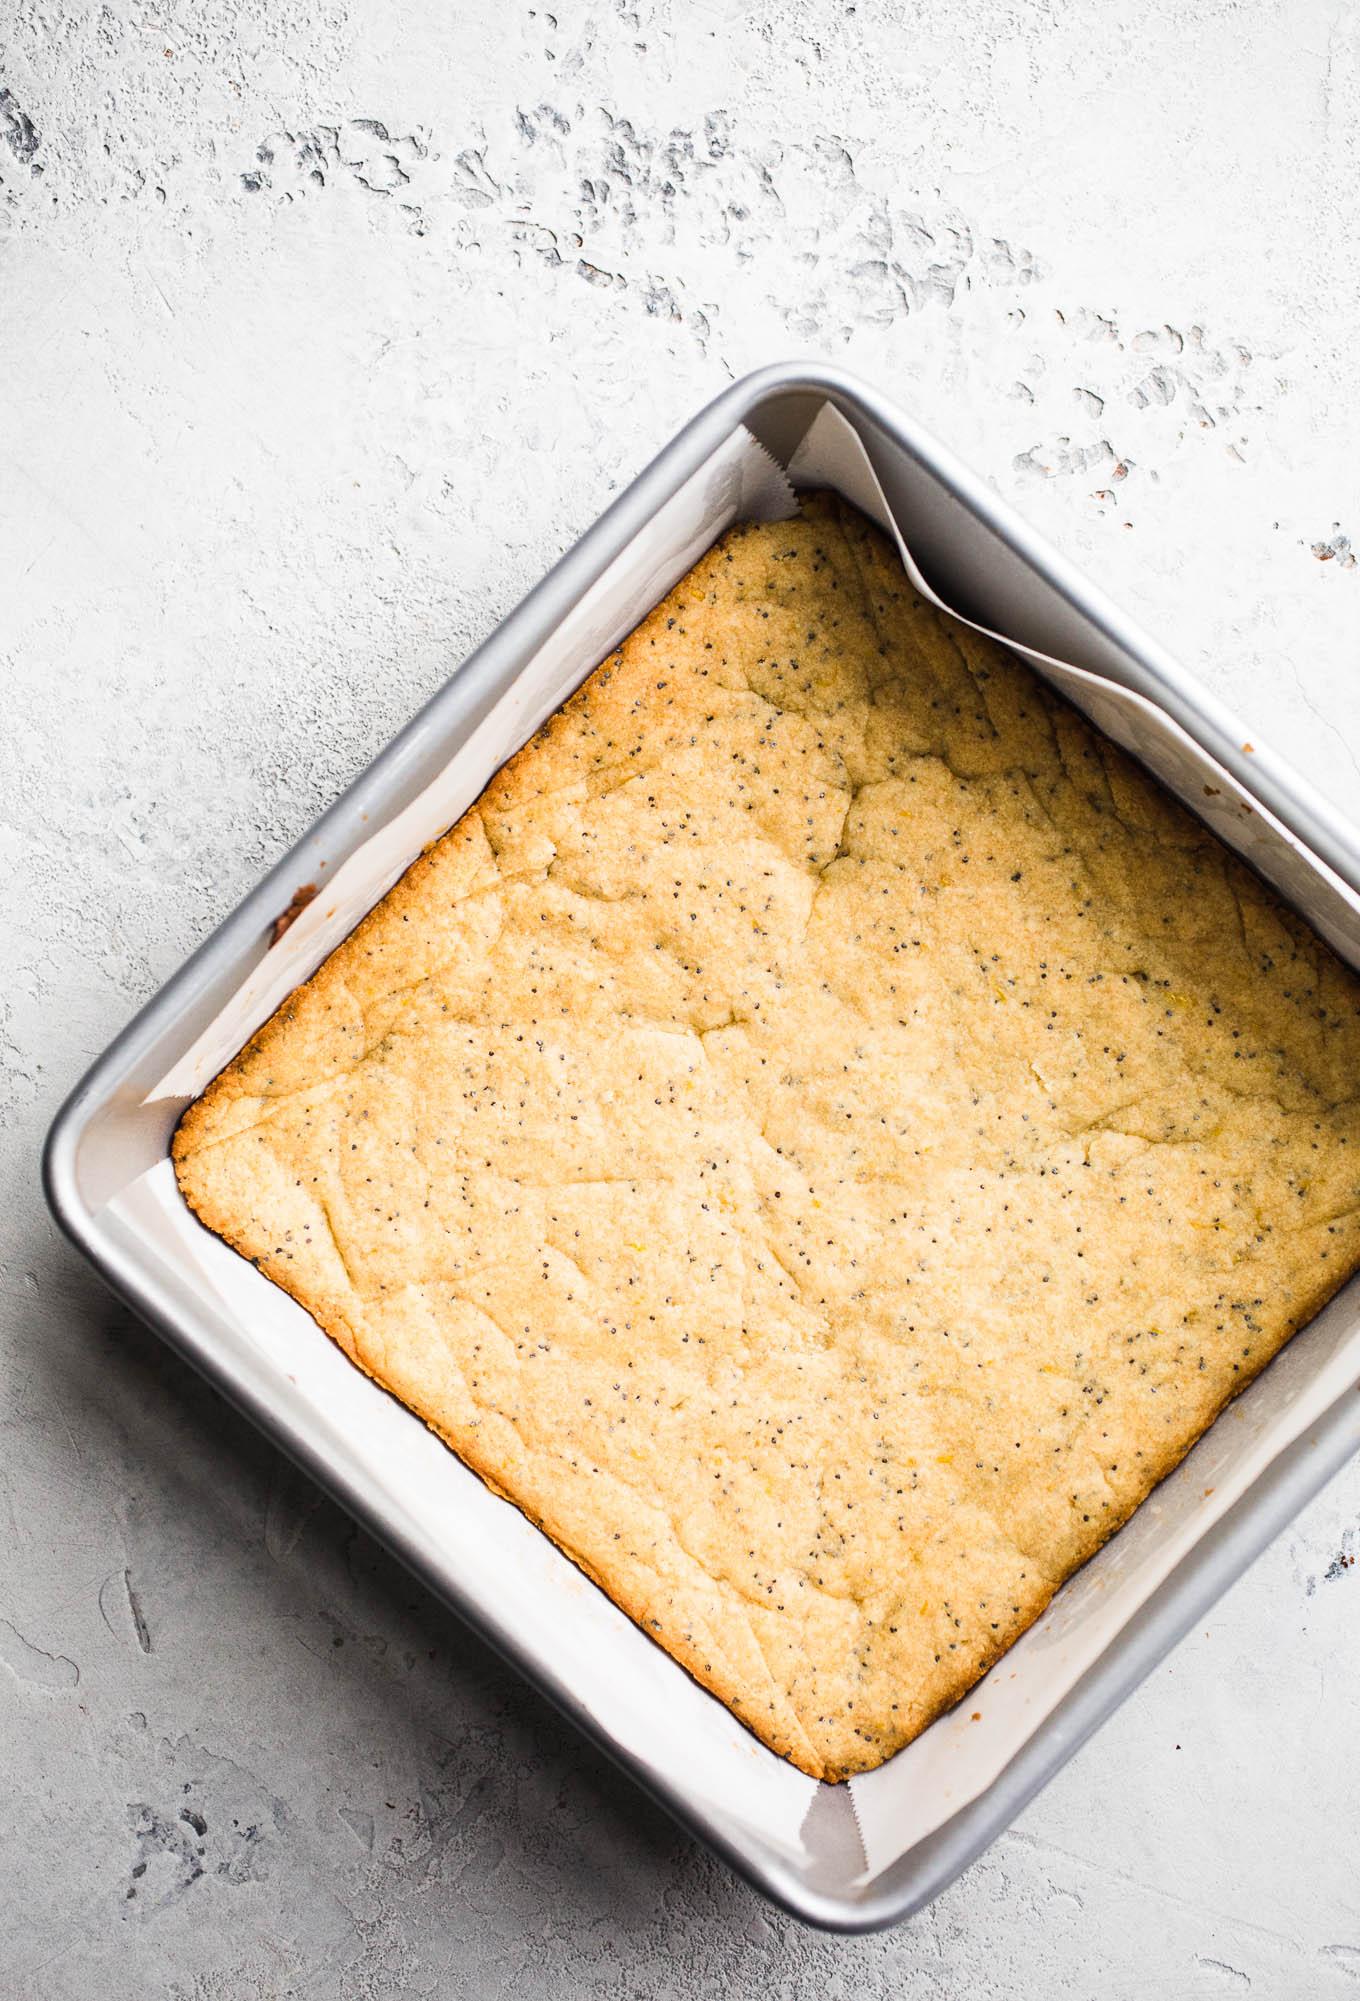 Vegan Lemon Poppyseed Snack Cake